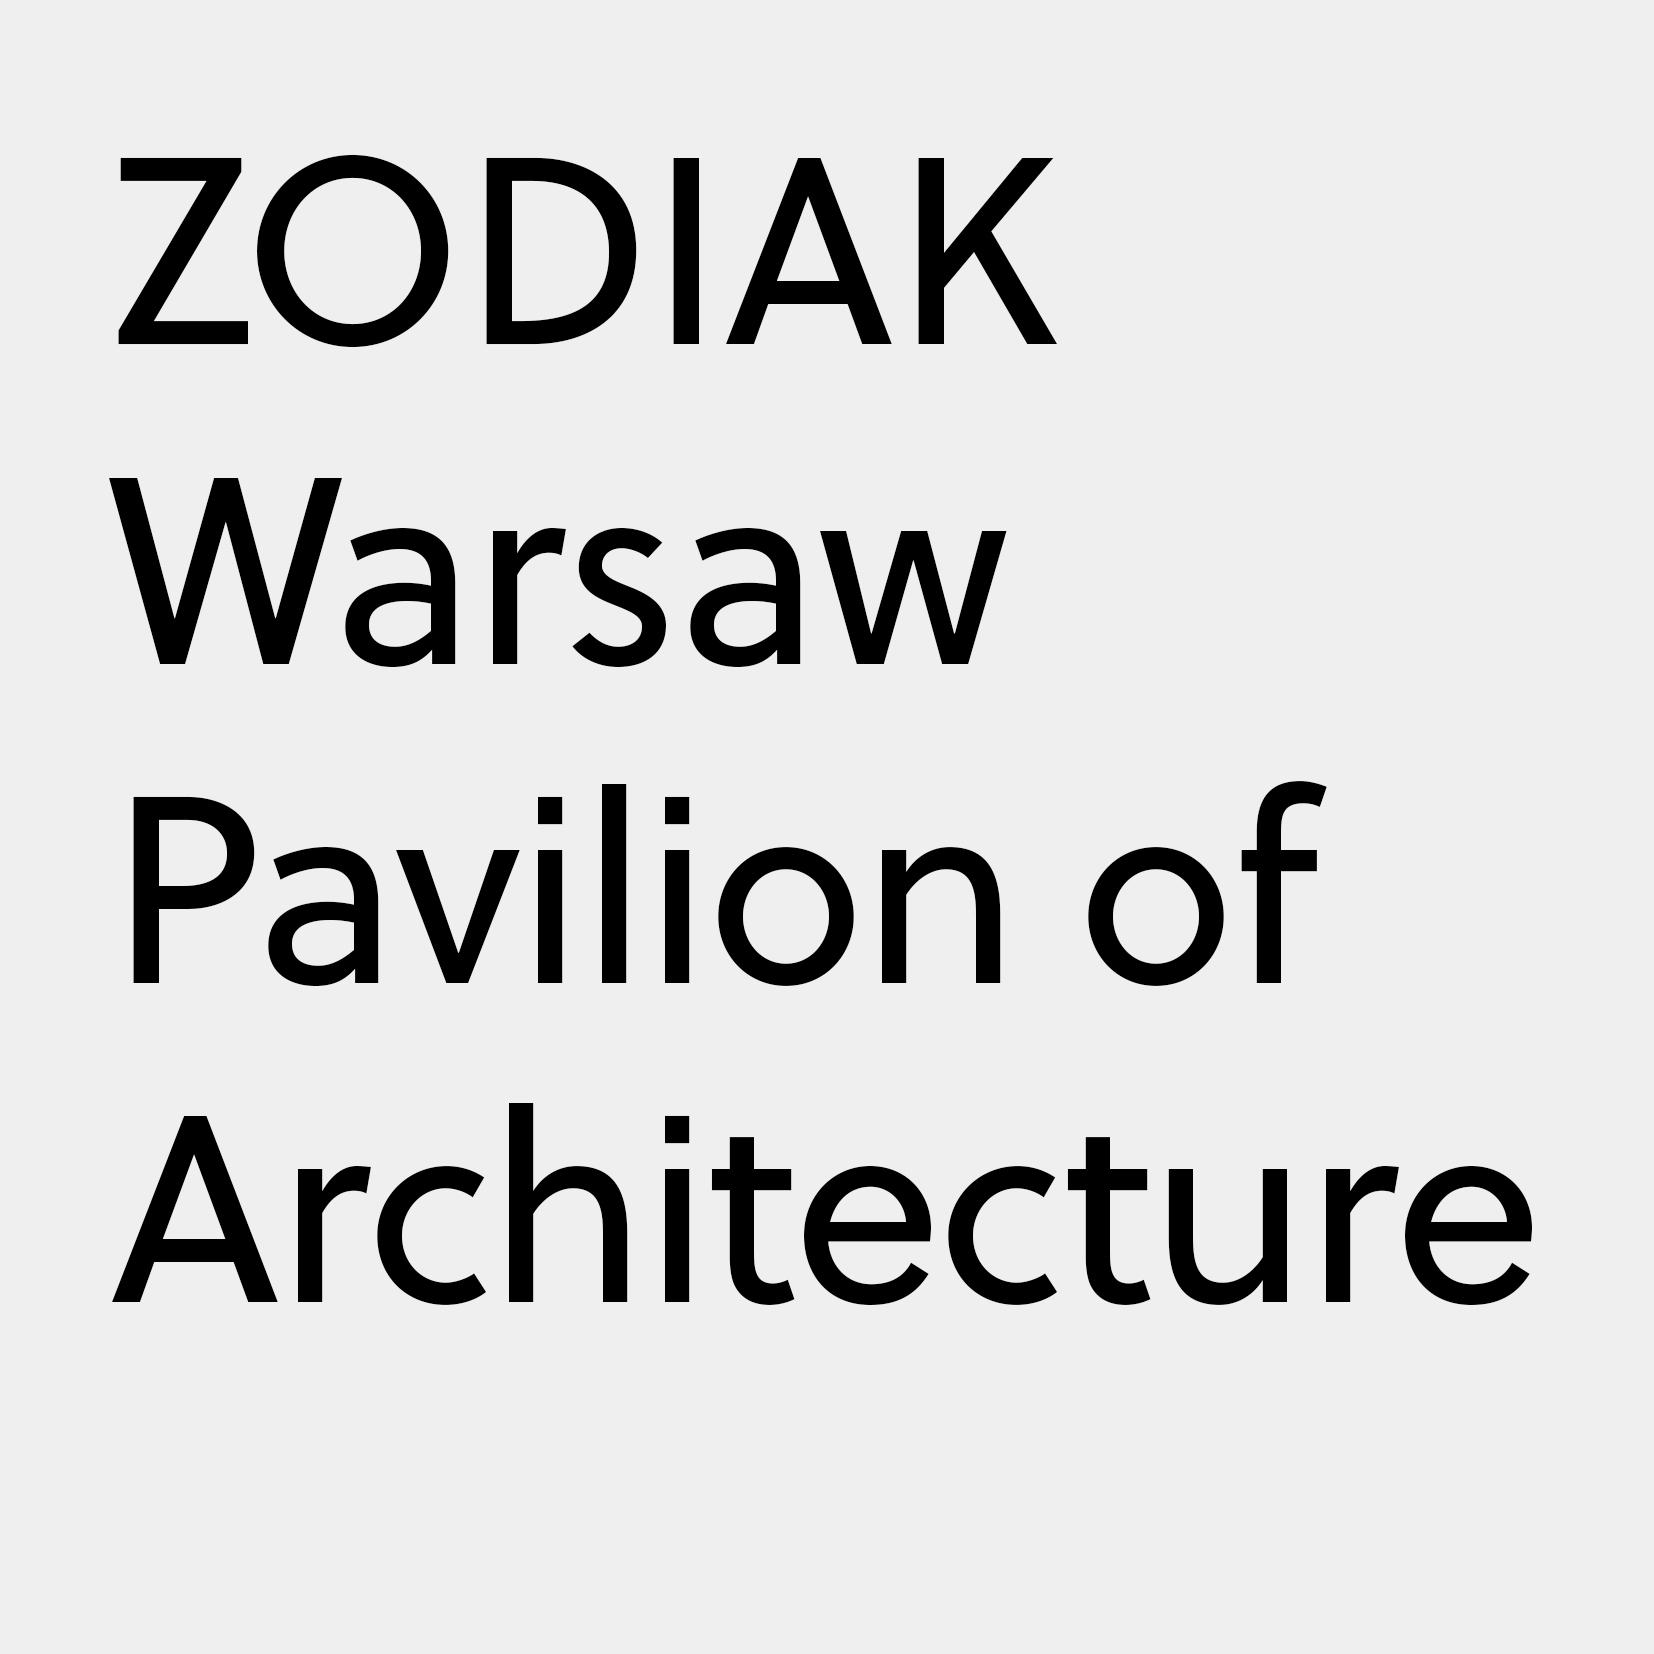 logotyp tekstowy zodiaku